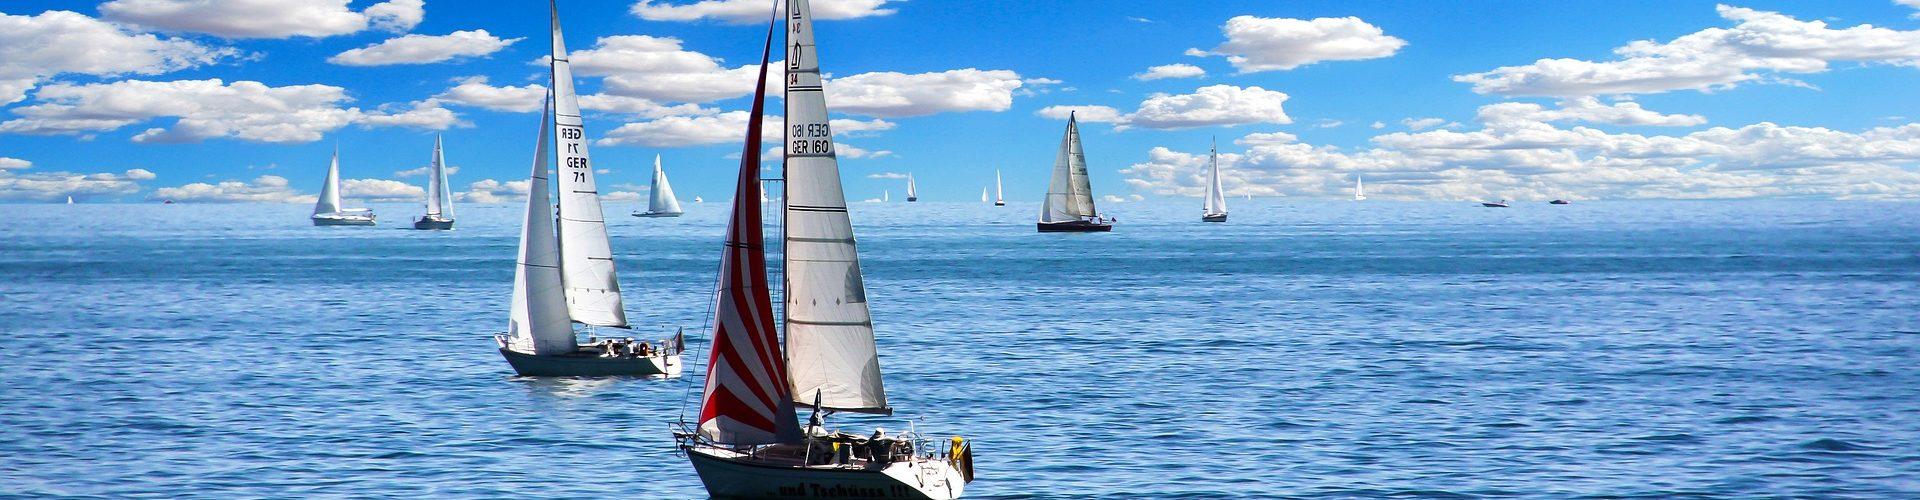 segeln lernen in Ahrenshoop segelschein machen in Ahrenshoop 1920x500 - Segeln lernen in Ahrenshoop